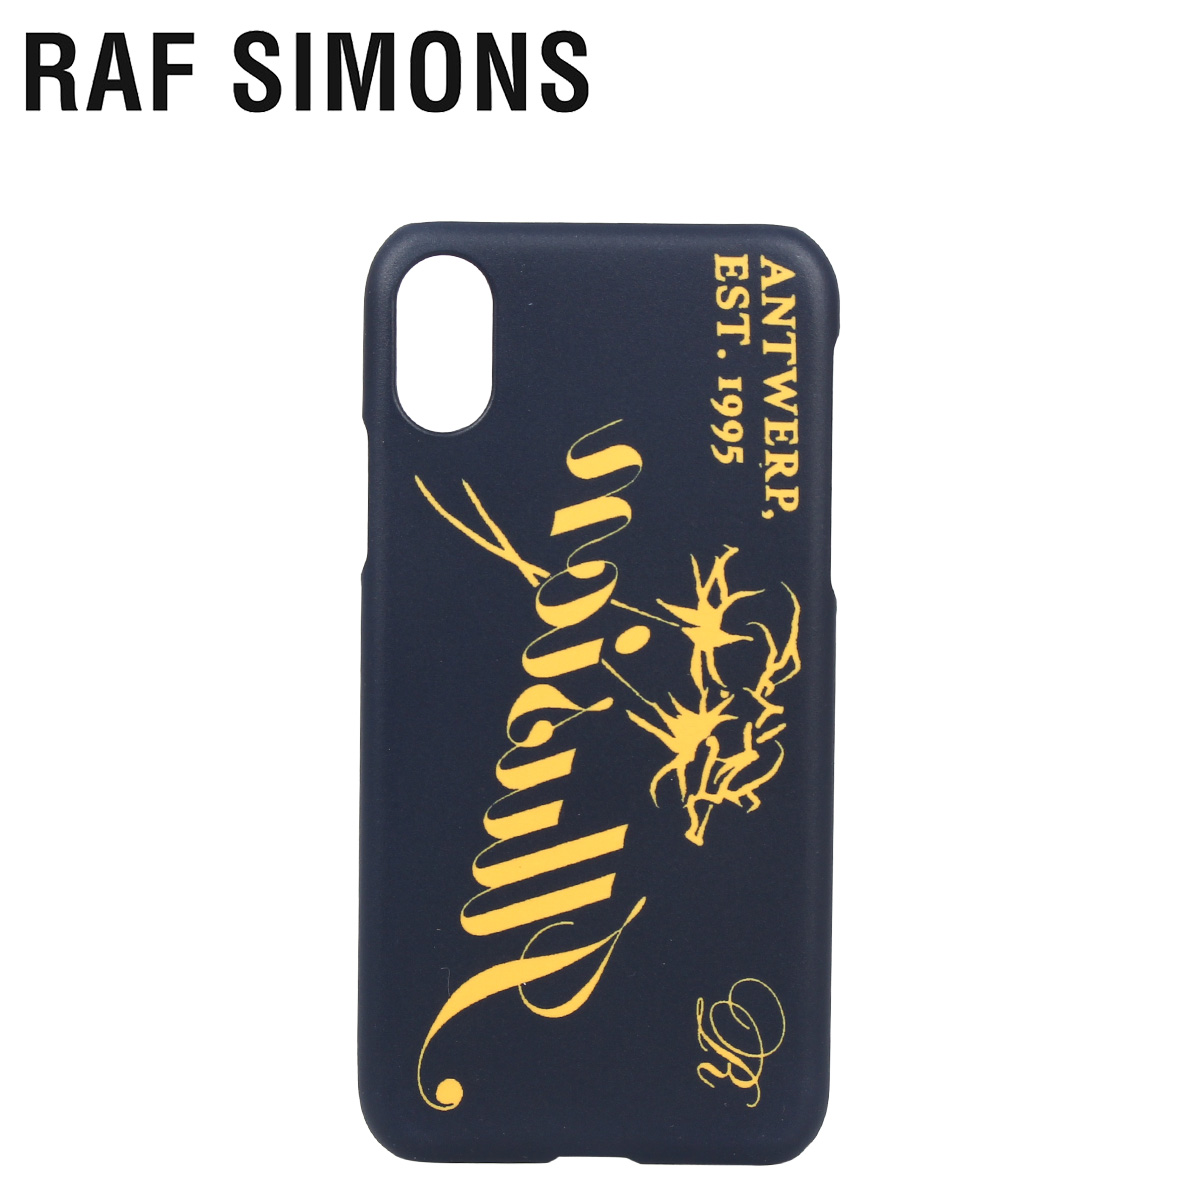 【お買い物マラソンSALE】 ラフシモンズ RAF SIMONS iPhone XS X ケース スマホ 携帯 アイフォン メンズ レディース IPHONE CASE ネイビー 192-942